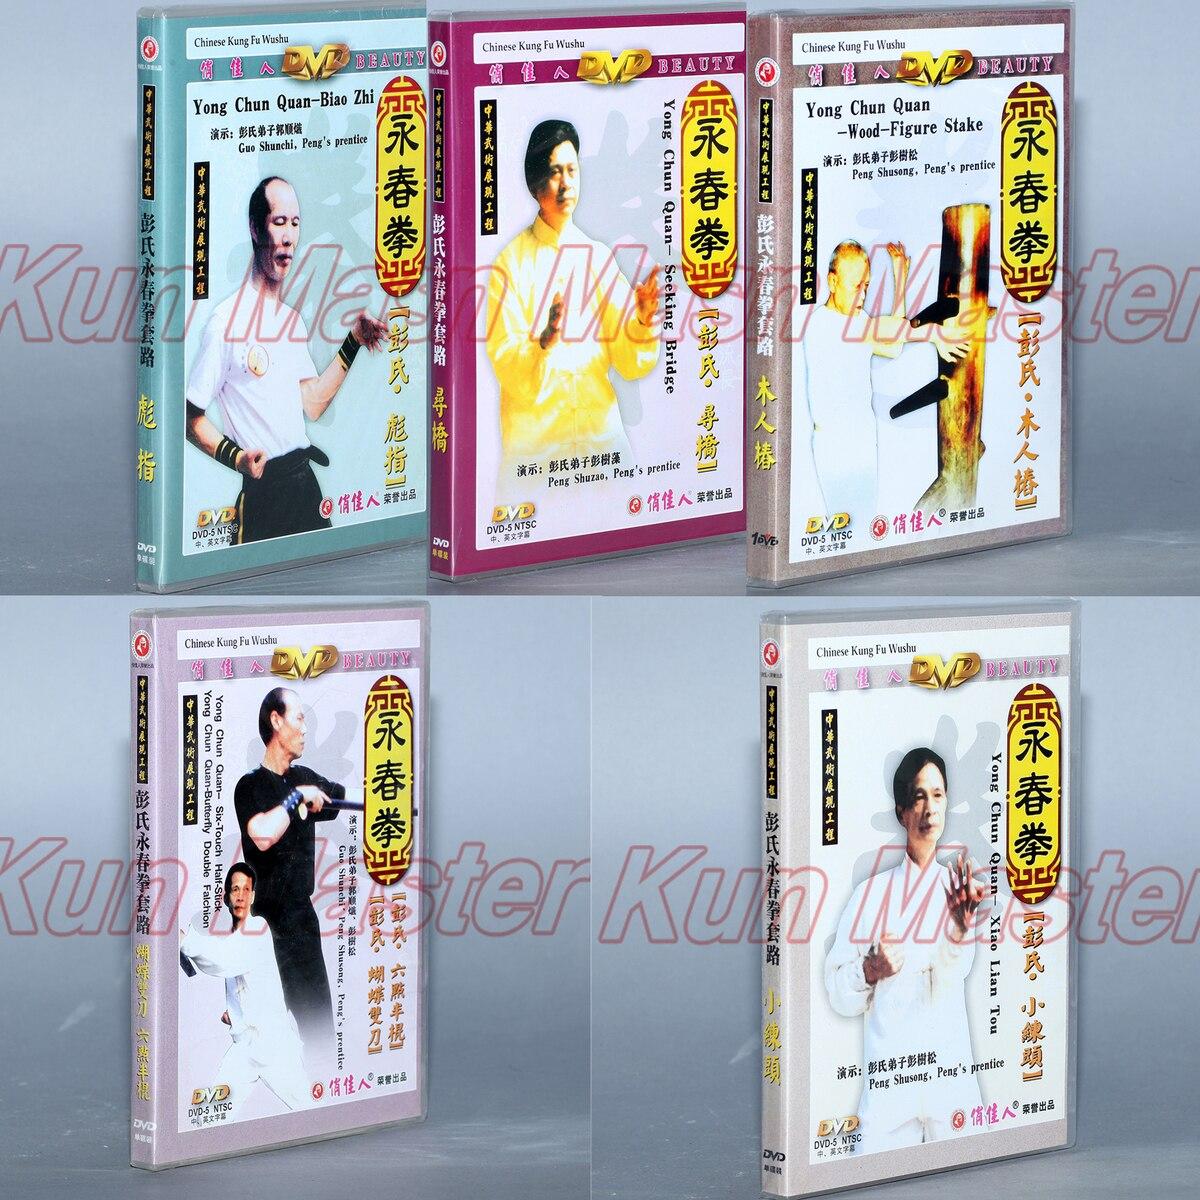 Un ensemble Yong Chun Quan vidéo chinois Kung Fu disque Wing Chun enseignement DVD sous-titres anglais 5 DVD